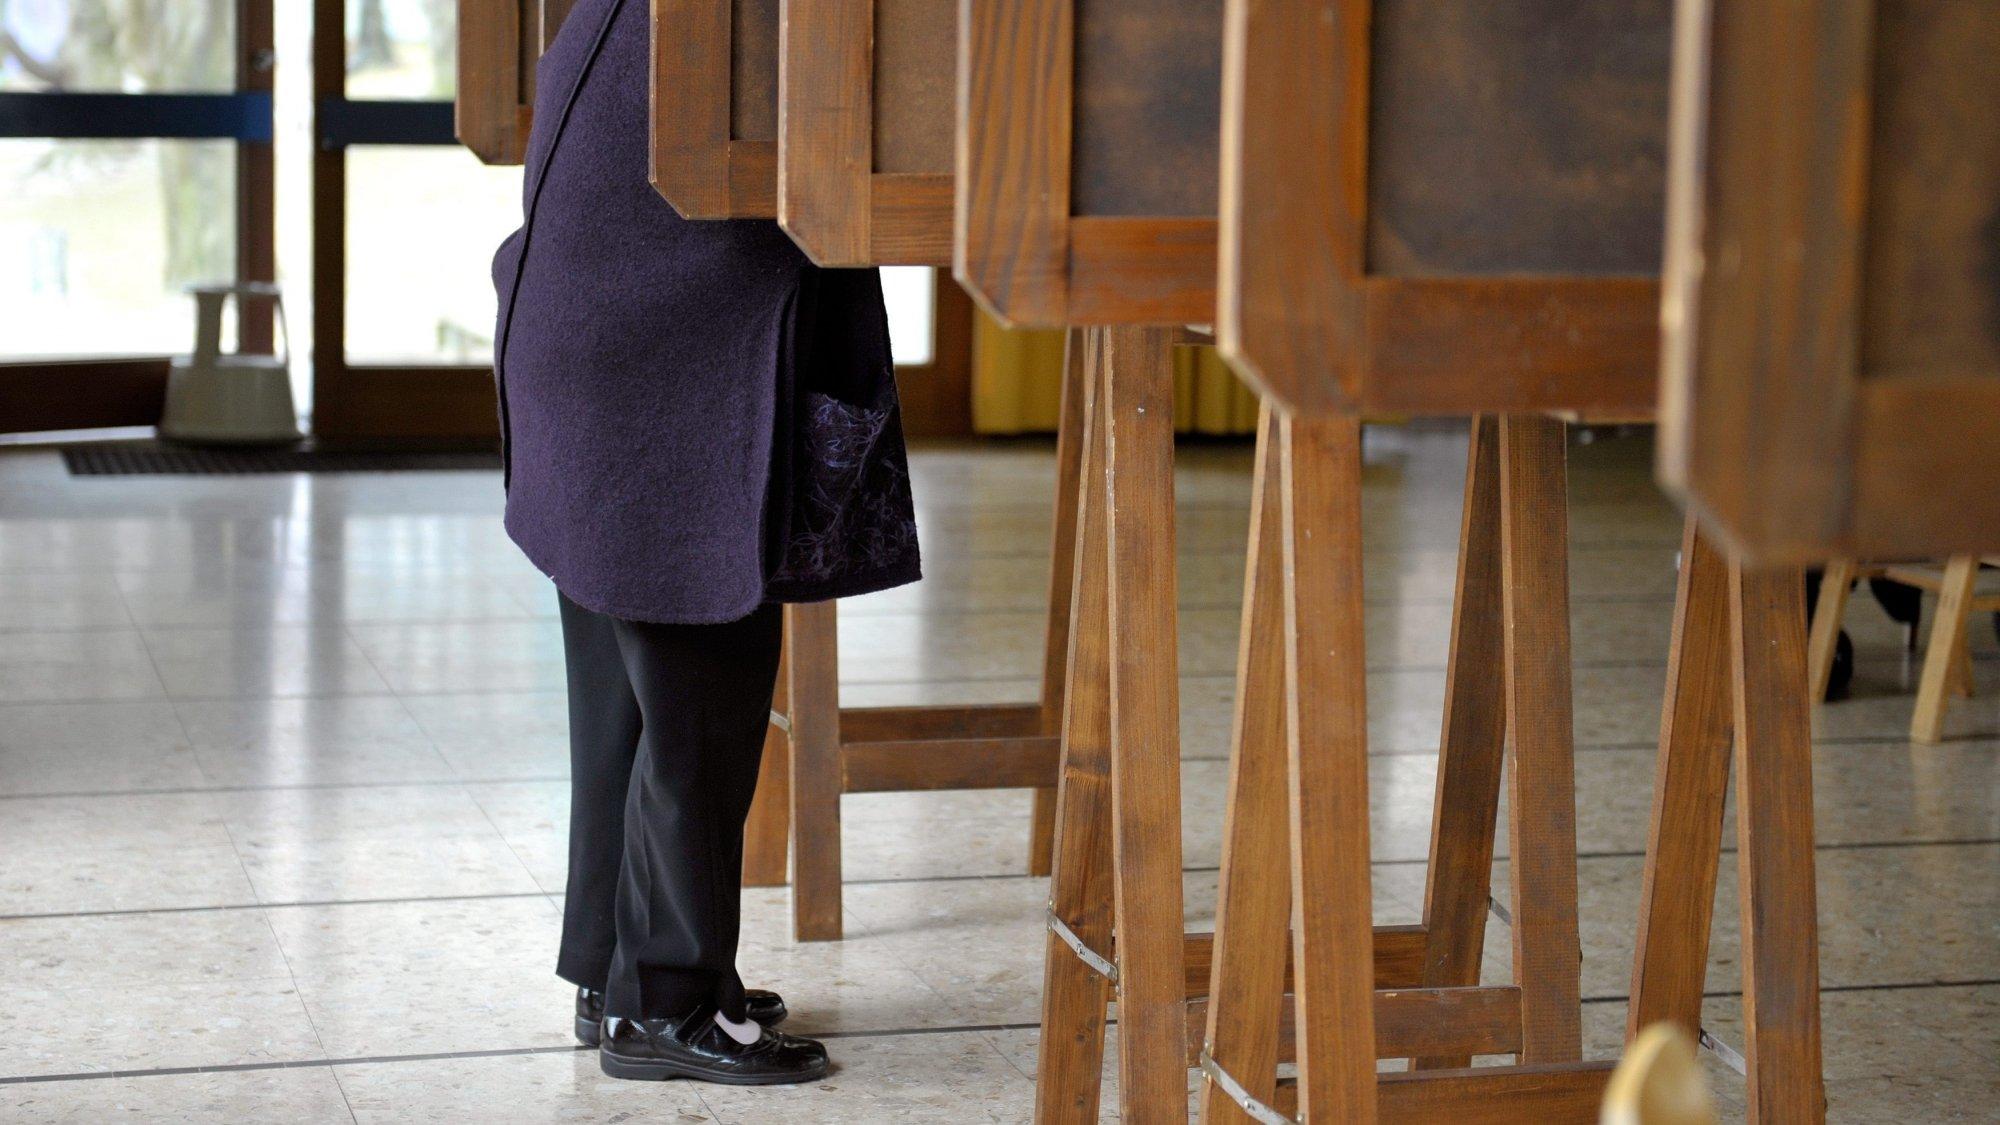 Dans les conditions pour voter figurent une certaine durée de séjour ou un permis d'établissement (illustration).